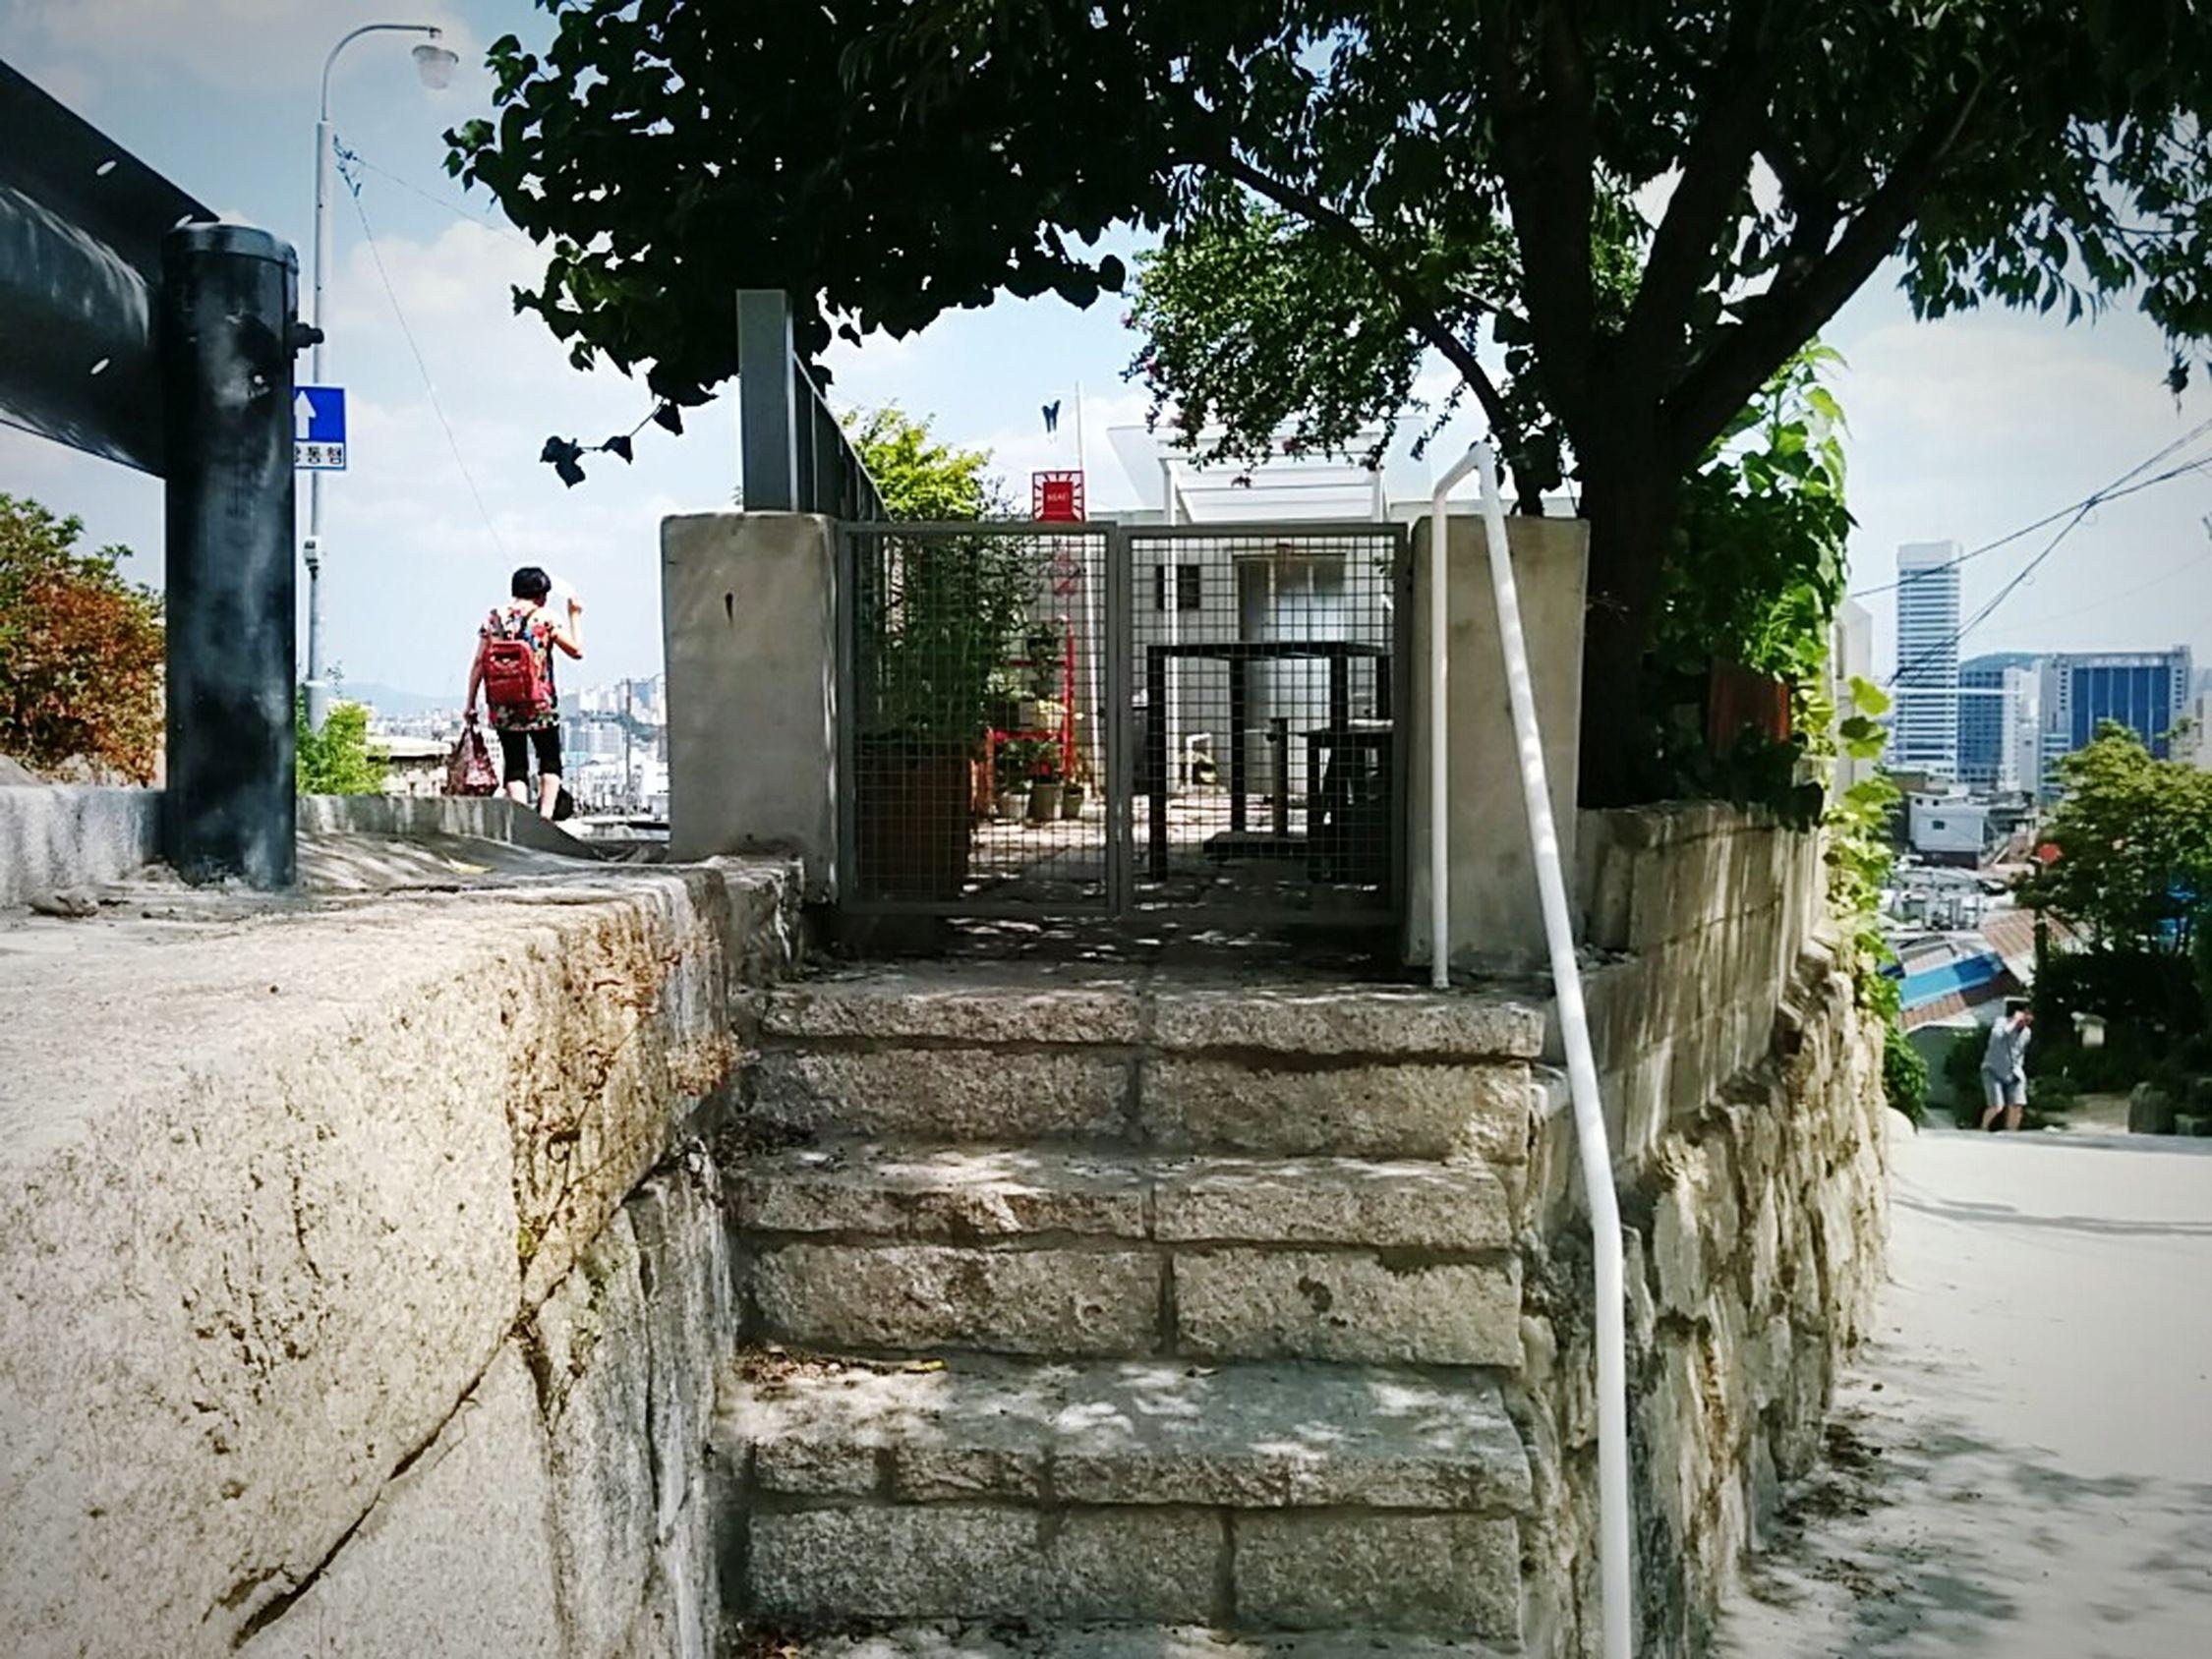 Narrow Homestead Castle Walls 서울성곽길 이화동